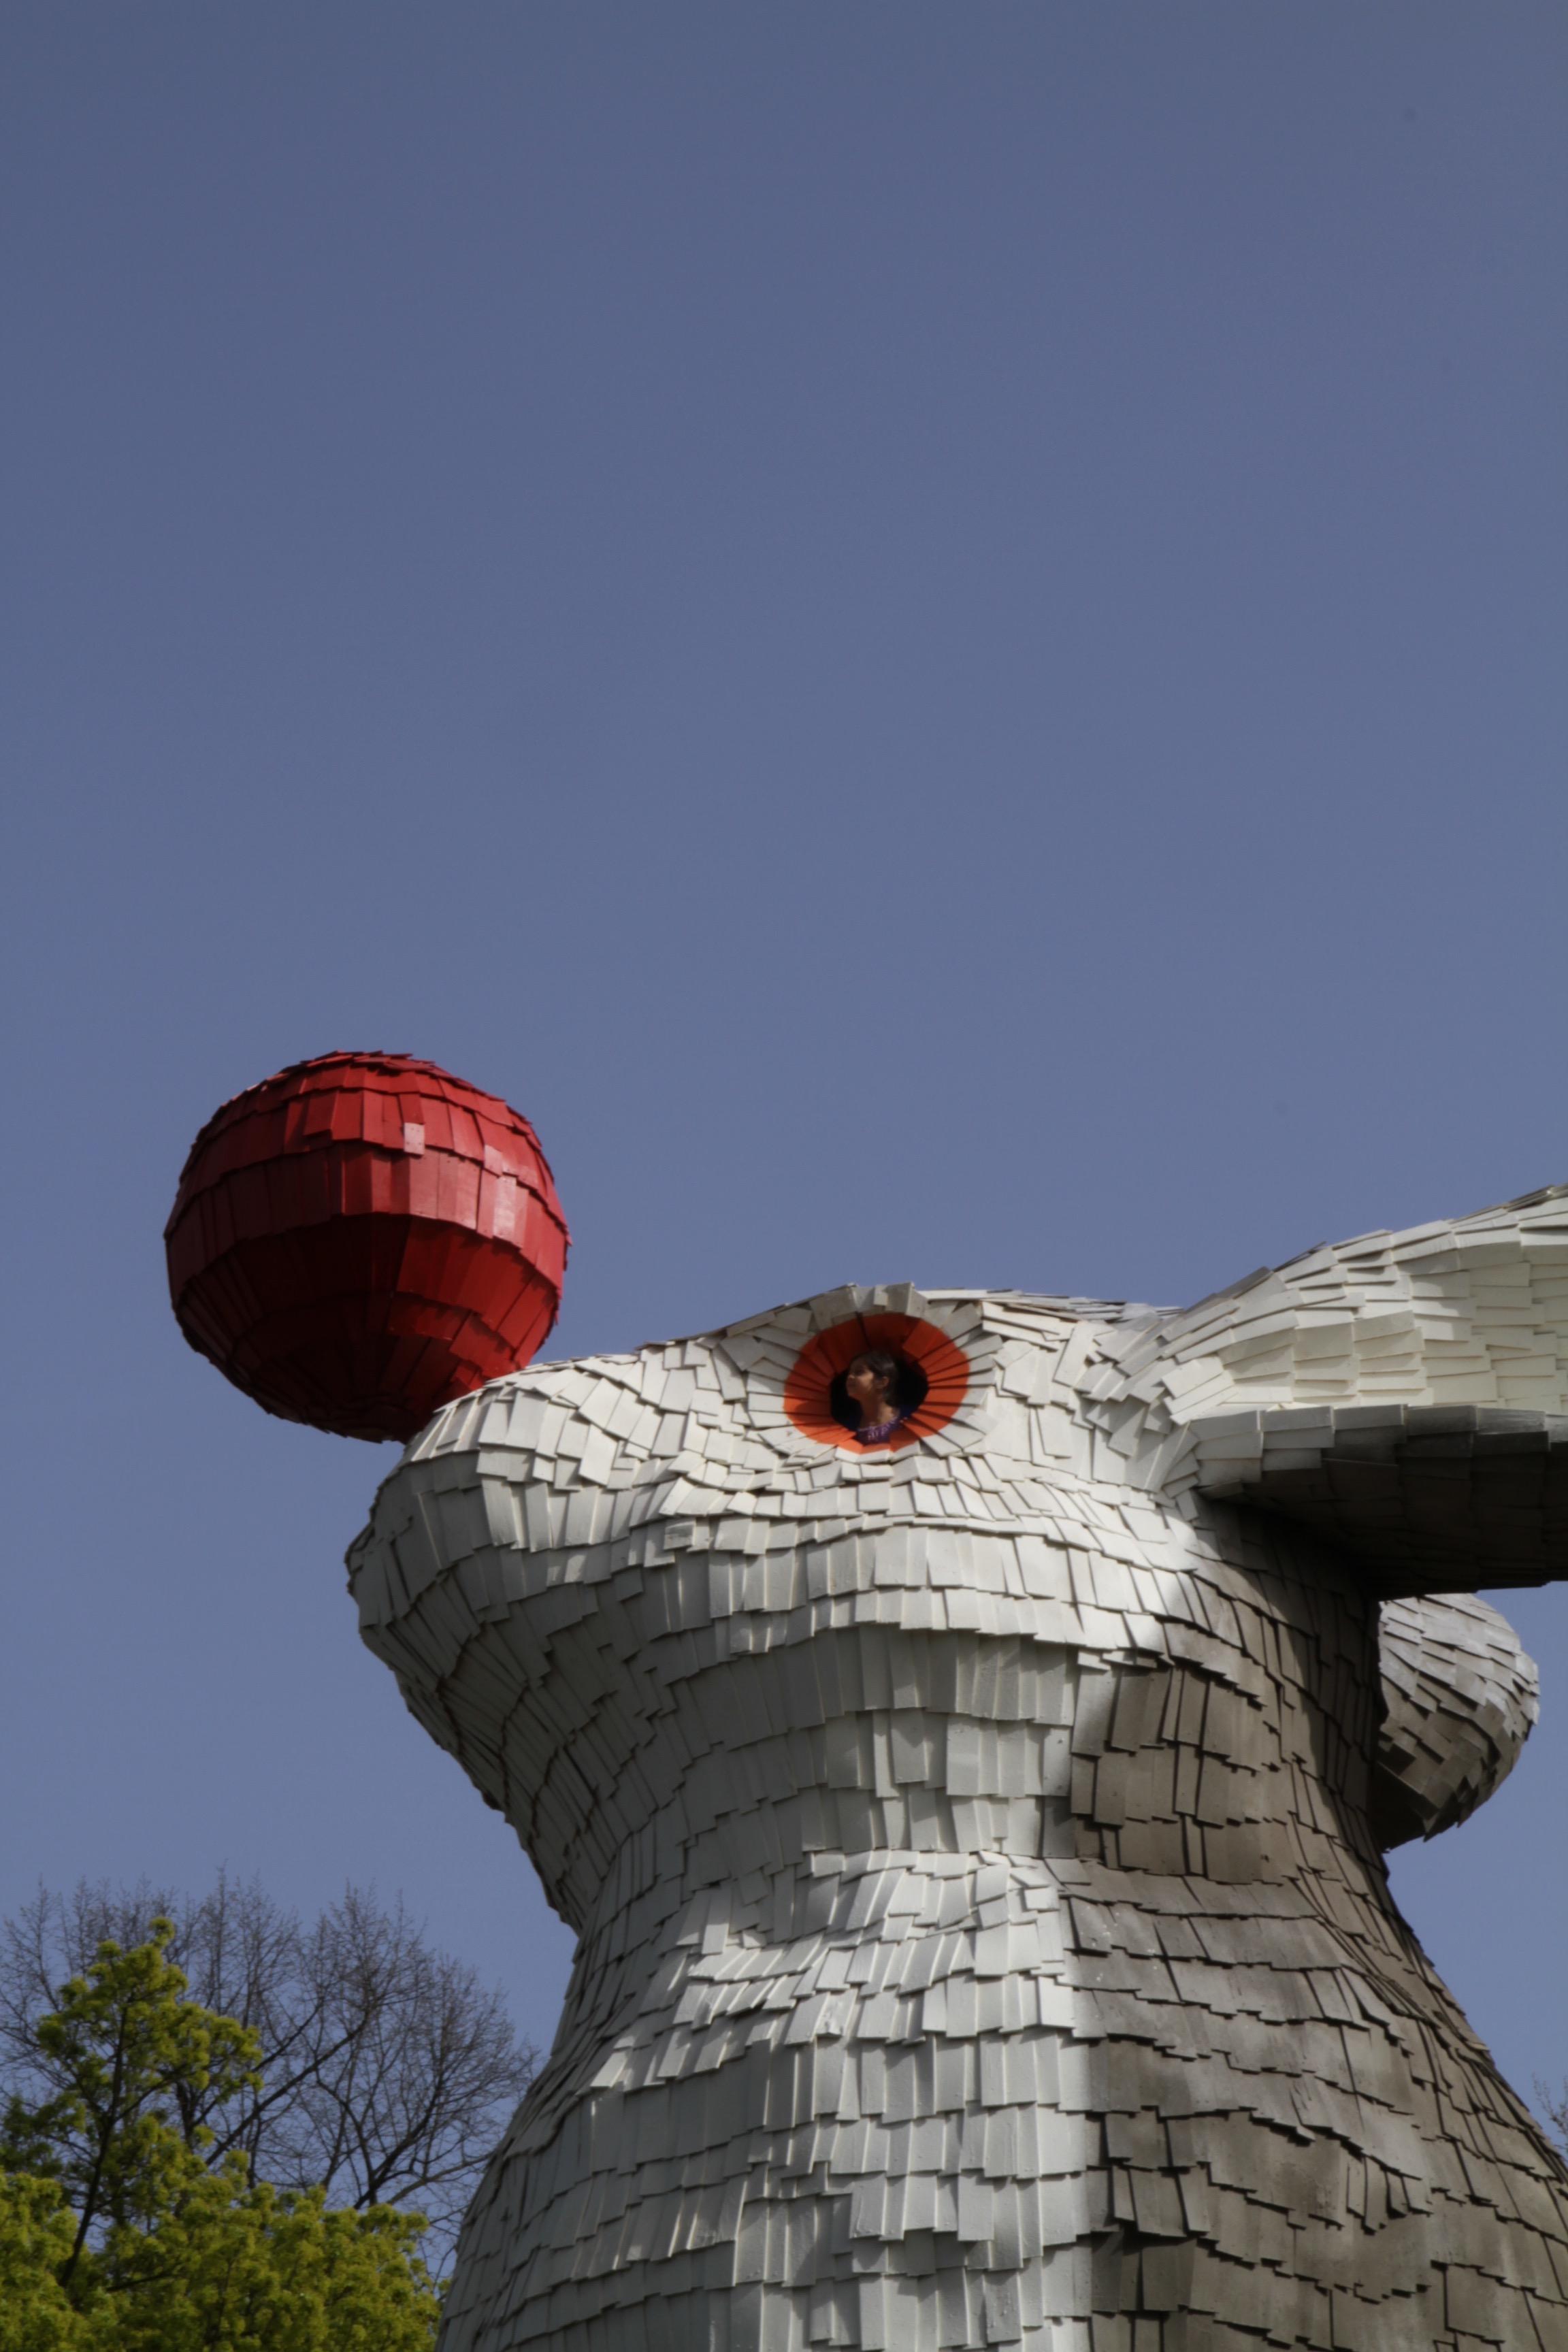 Florentijn Hofman - Uitkijkkonijn   Florentijn Hofman realiseert kunstwerken in binnen en buitenland. Zijn beroemde 'Rubber Duck', een gigantische badeend, reist de hele wereld rond. Het tijdelijke kunstwerk 'Uitkijkkonijn', dat in opdracht van de gemeente Nijmegen specifiek voor het Valkhofpark werd ontworpen, is samen met Nijmeegse vrijwilligers opgebouwd.